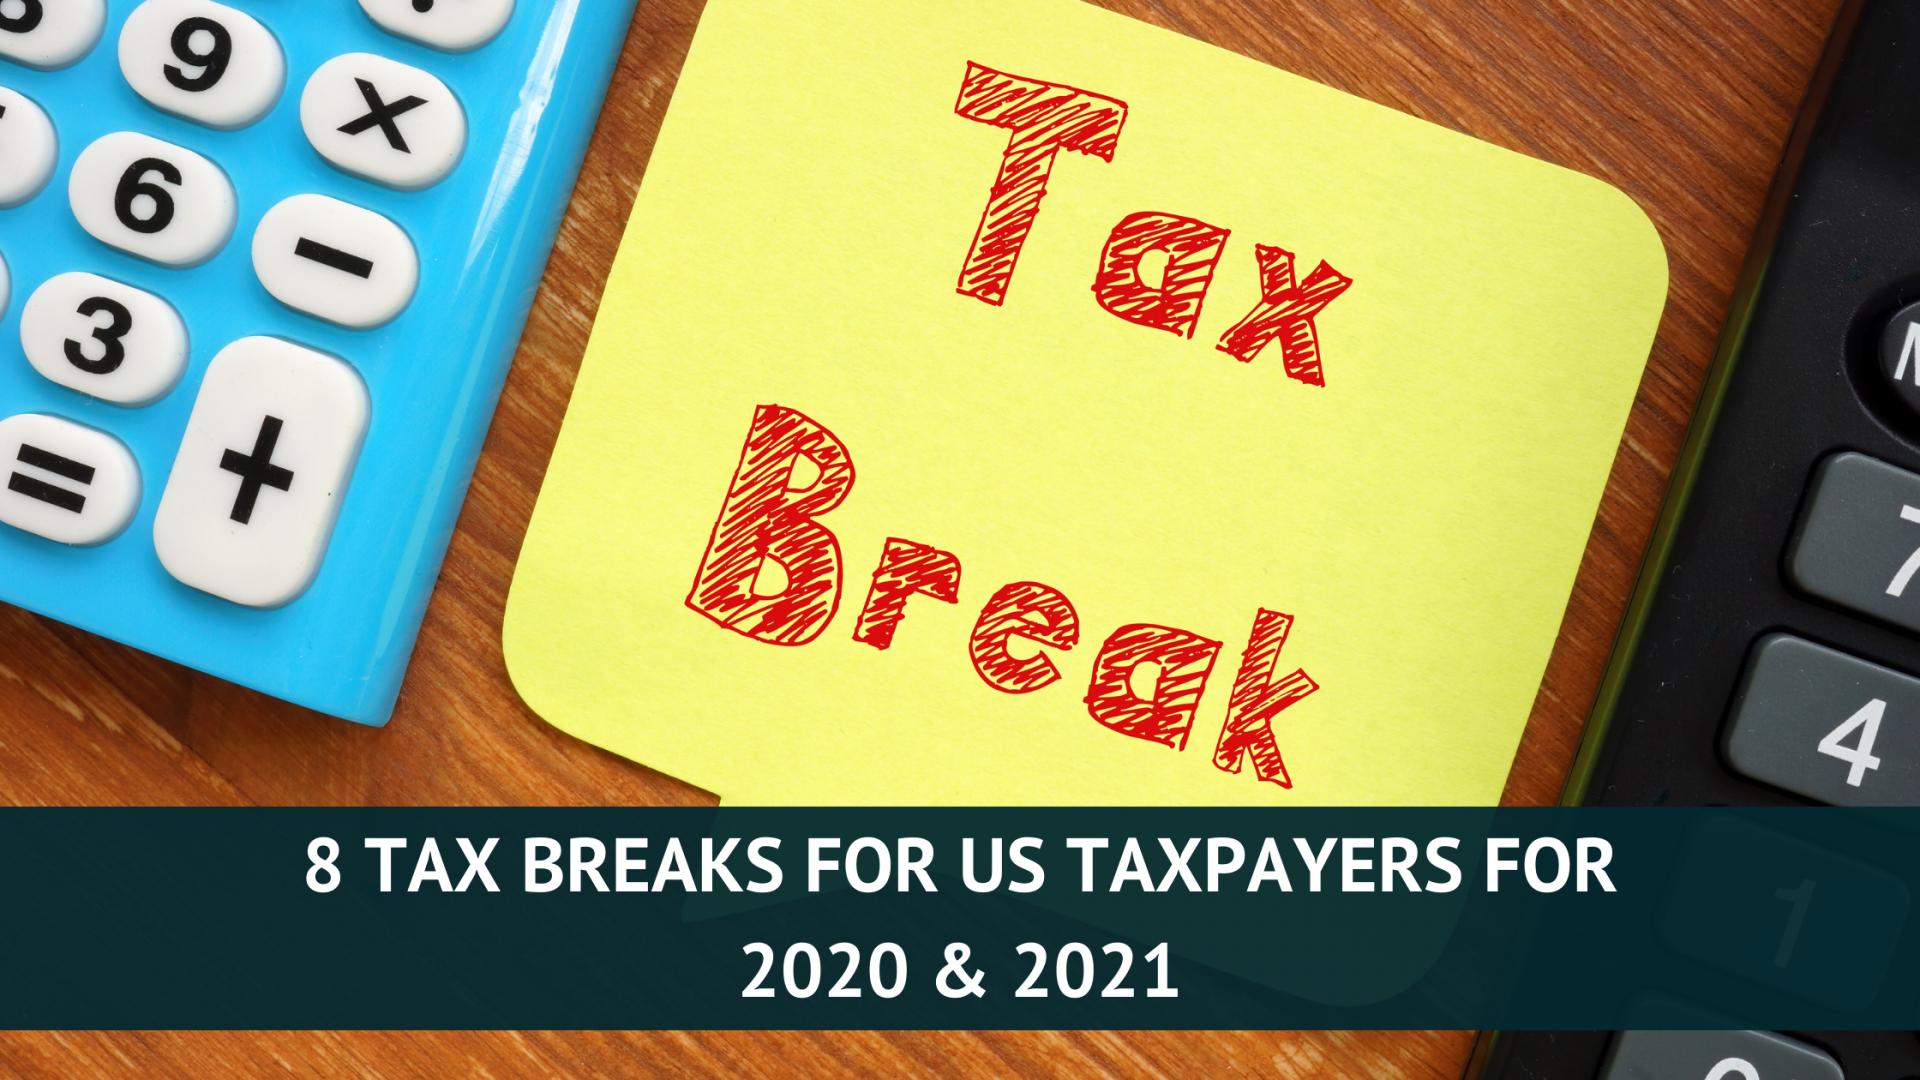 8 tax breaks